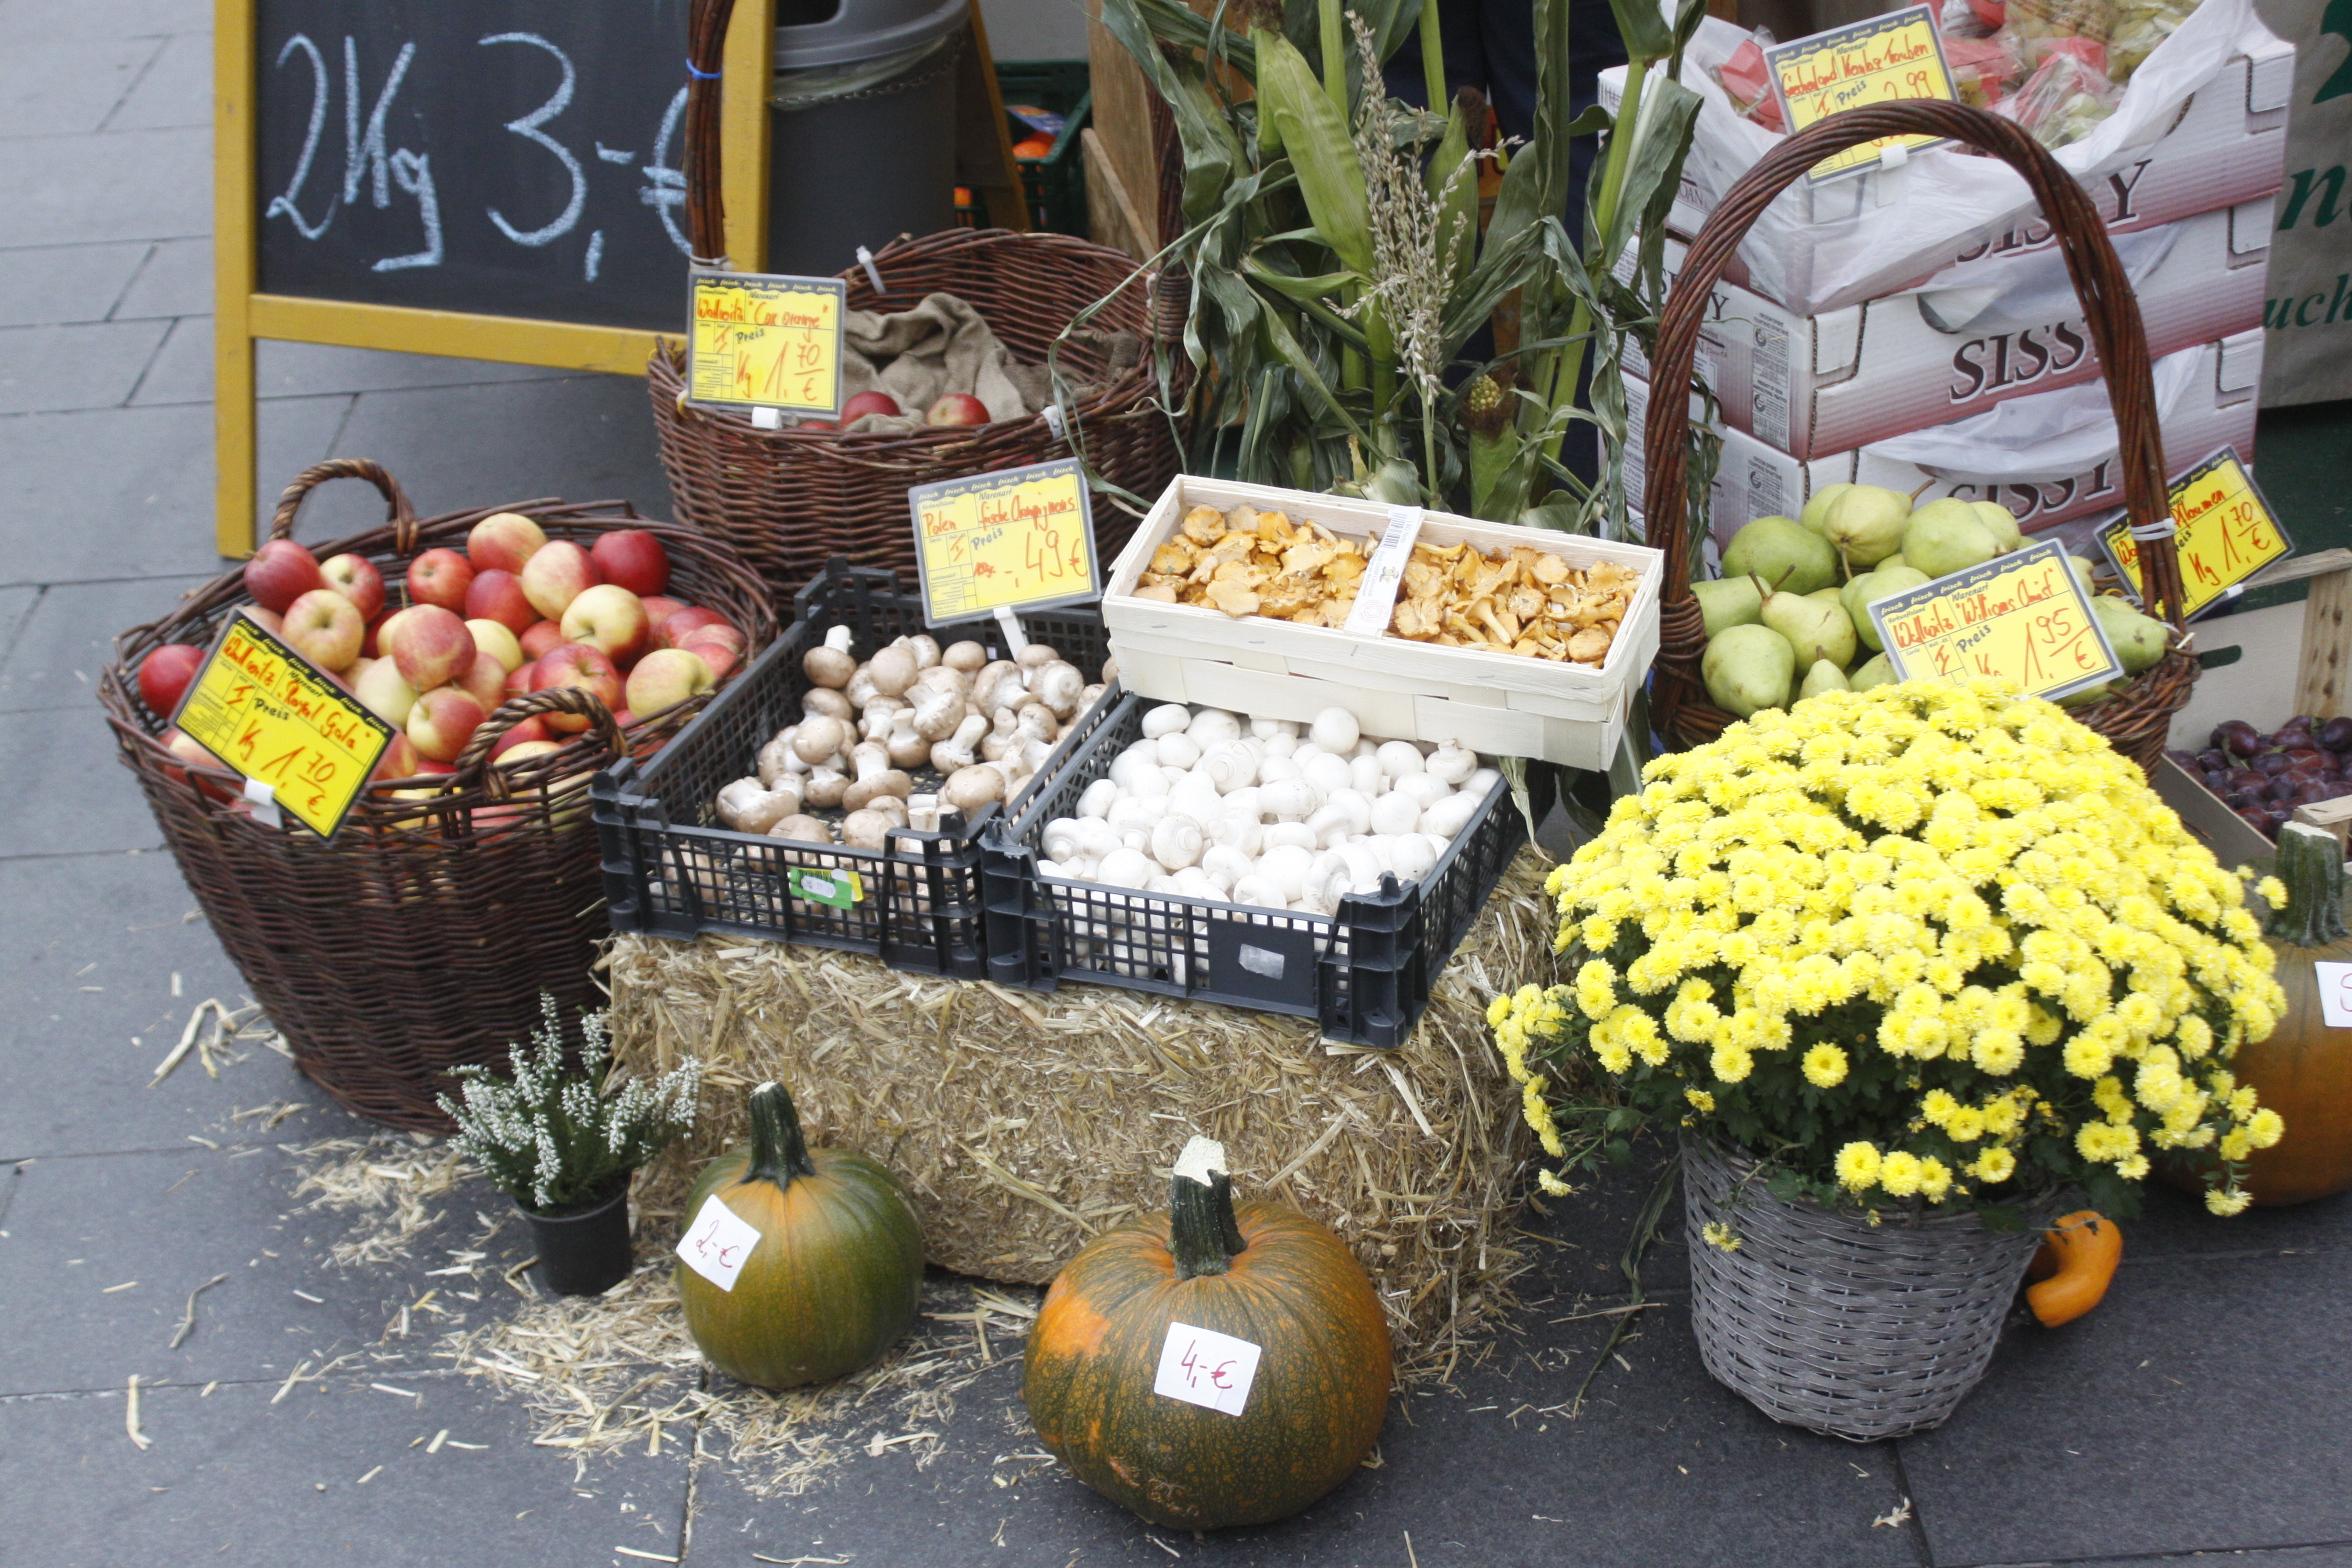 Bauernmarkt_MG_8944